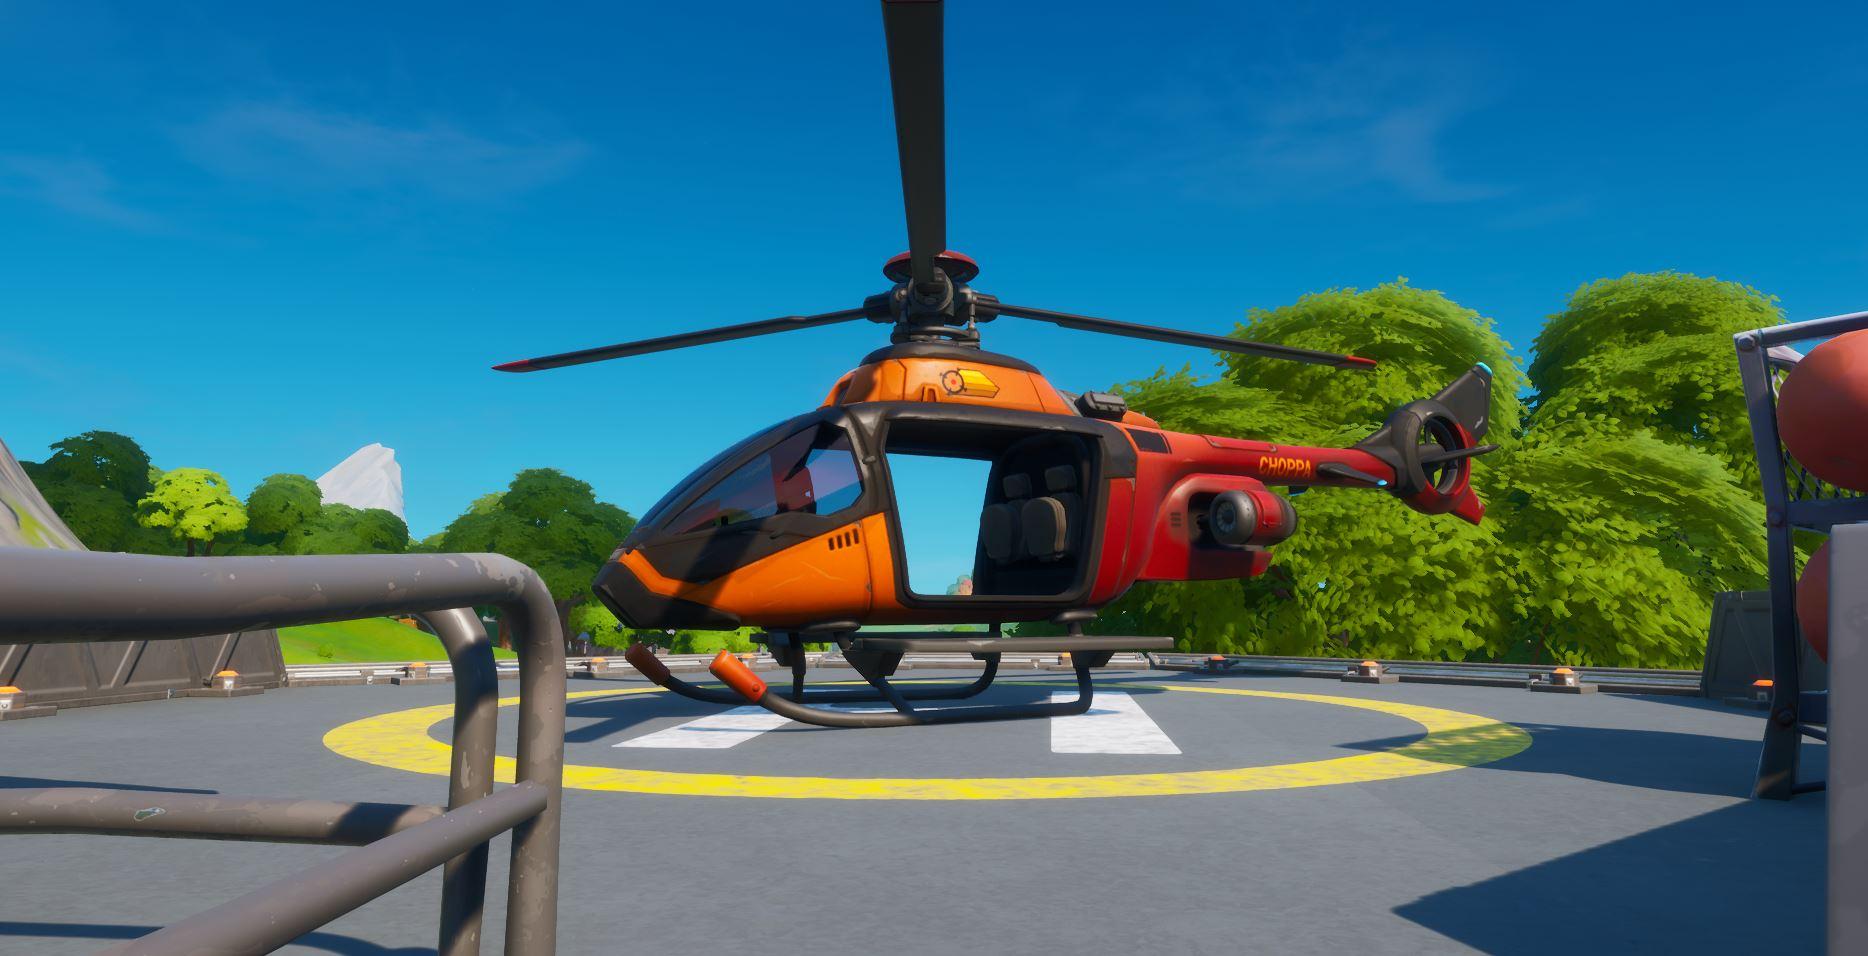 Fortnite Choppa Helicopter